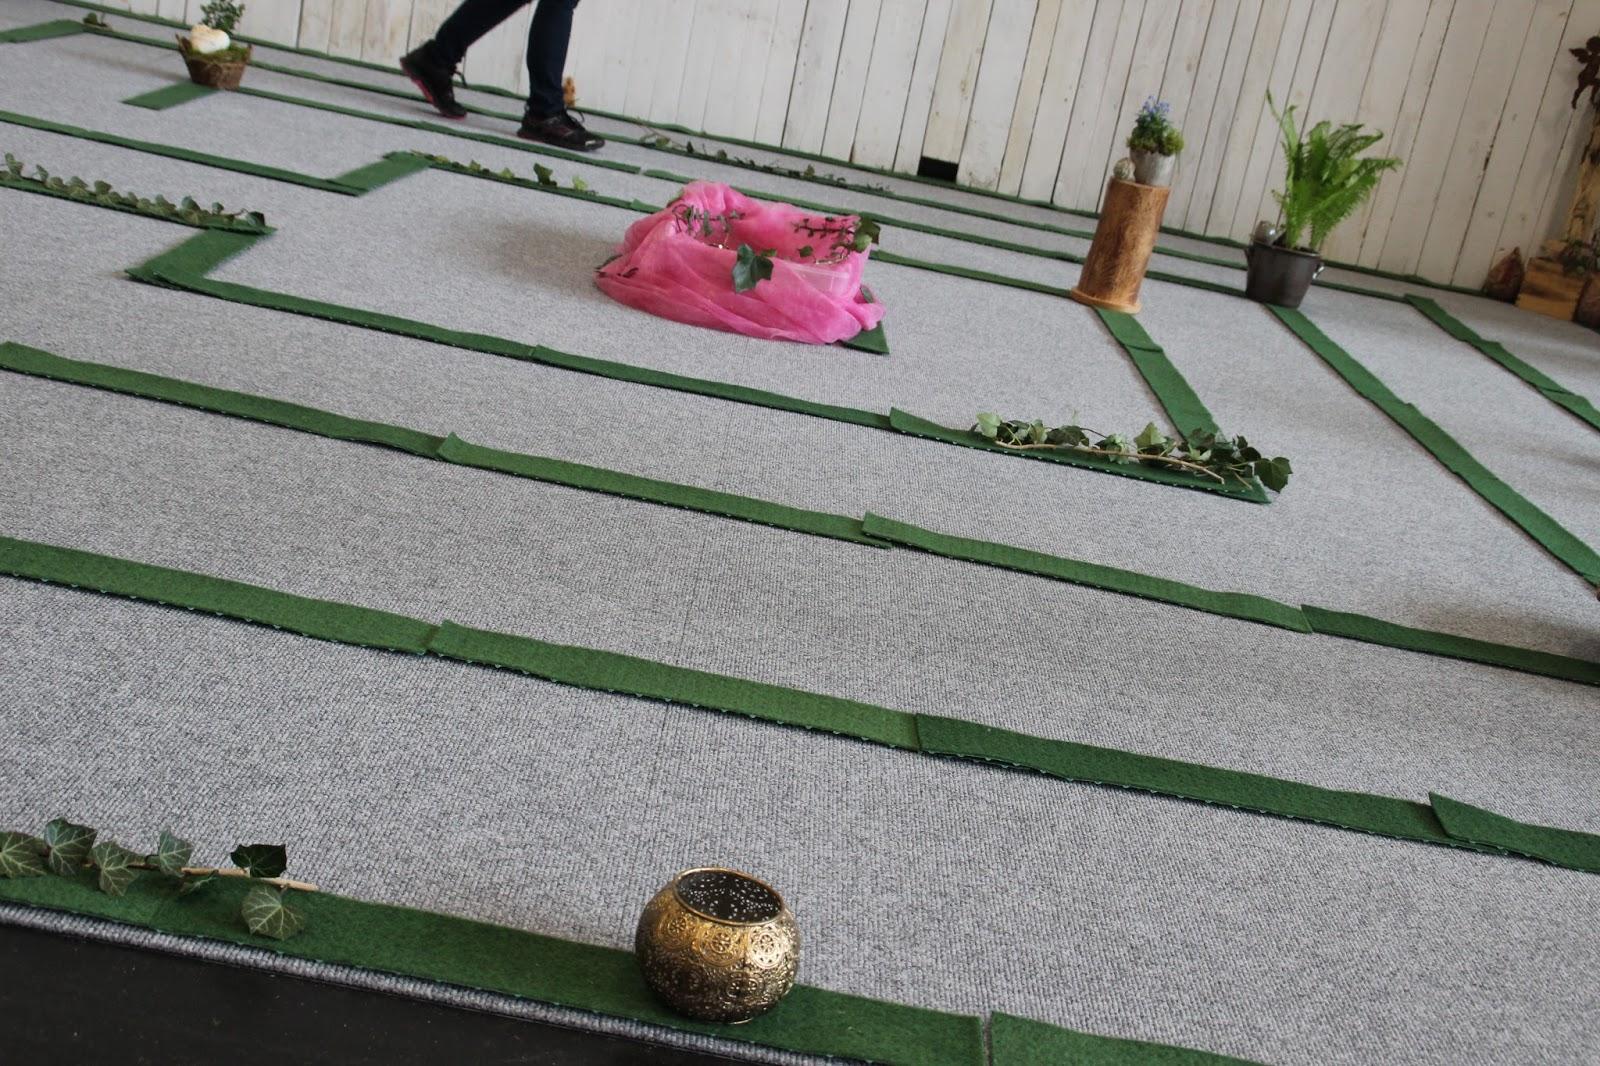 Trauer Ist Leben: Mai 2016 Tipps Labyrinth Irrgarten Anlegen Kann